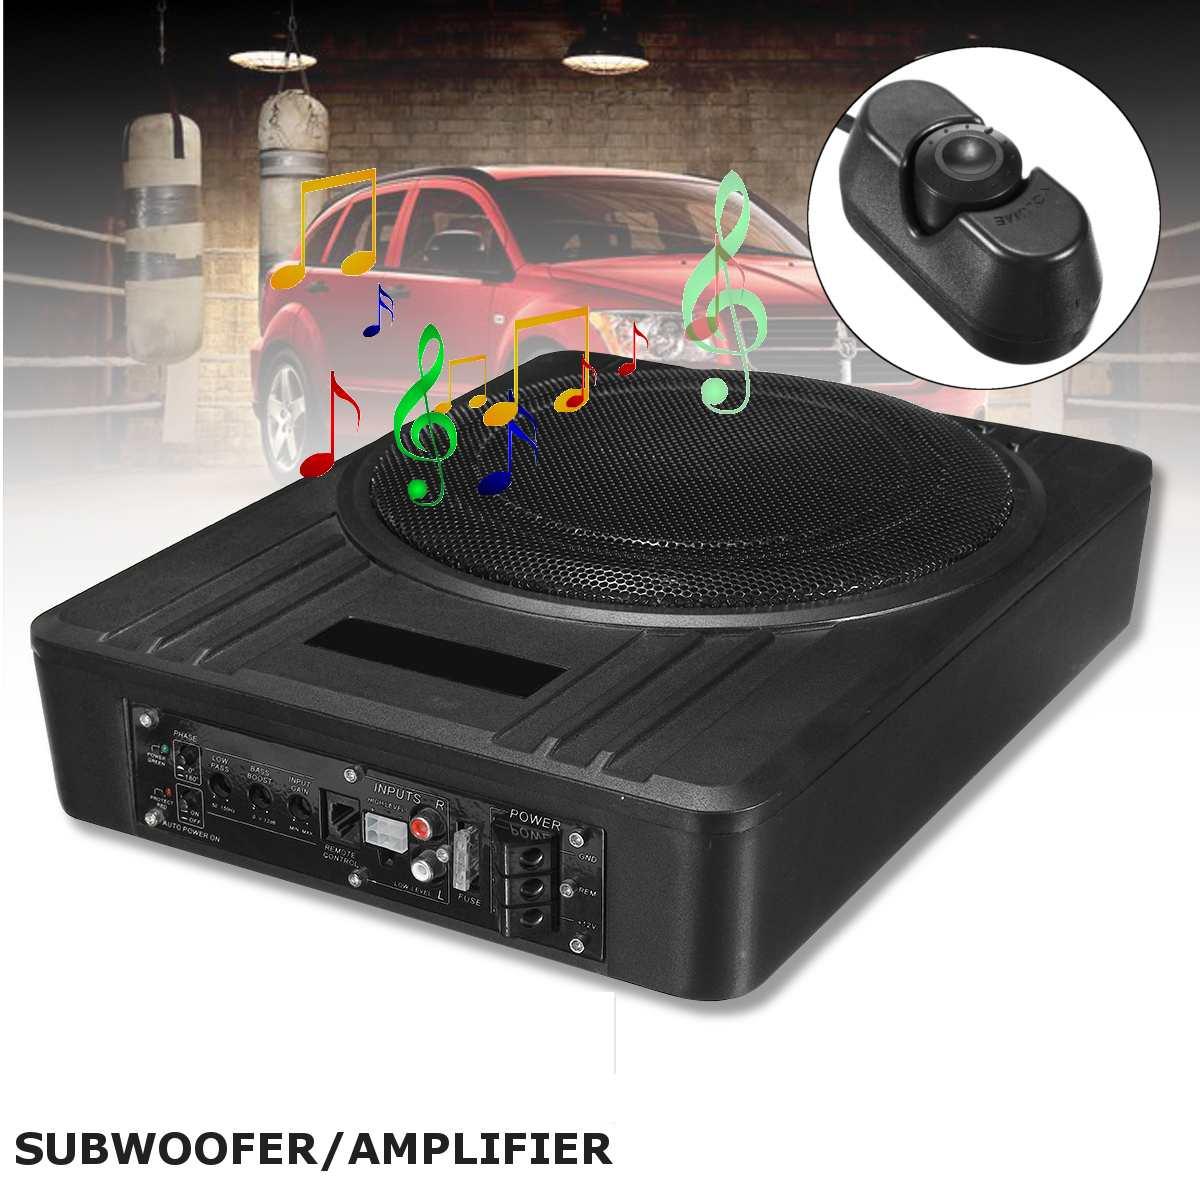 10 pouces 600W alimenté voiture haut-parleur camion Subwoofer amplificateur amplificateur mince sous-siège Super basse voiture Subwoofer haut-parleur